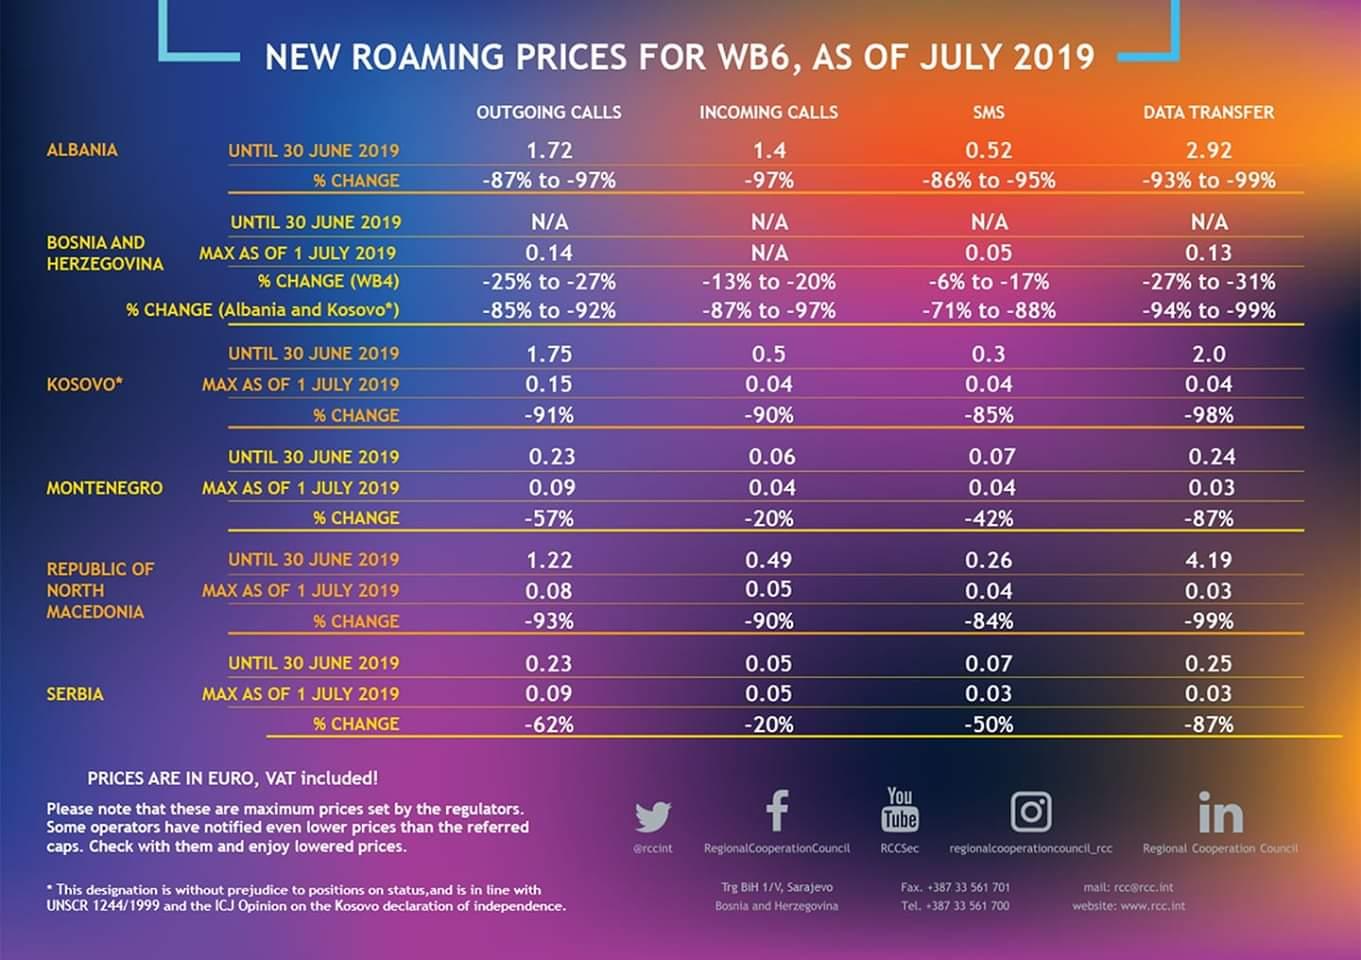 Le tariffe del roaming nei sei paesi dei Balcani occidentali (Albania, Montenegro, Kosovo, Serbia, Macedonia e Bosnia)